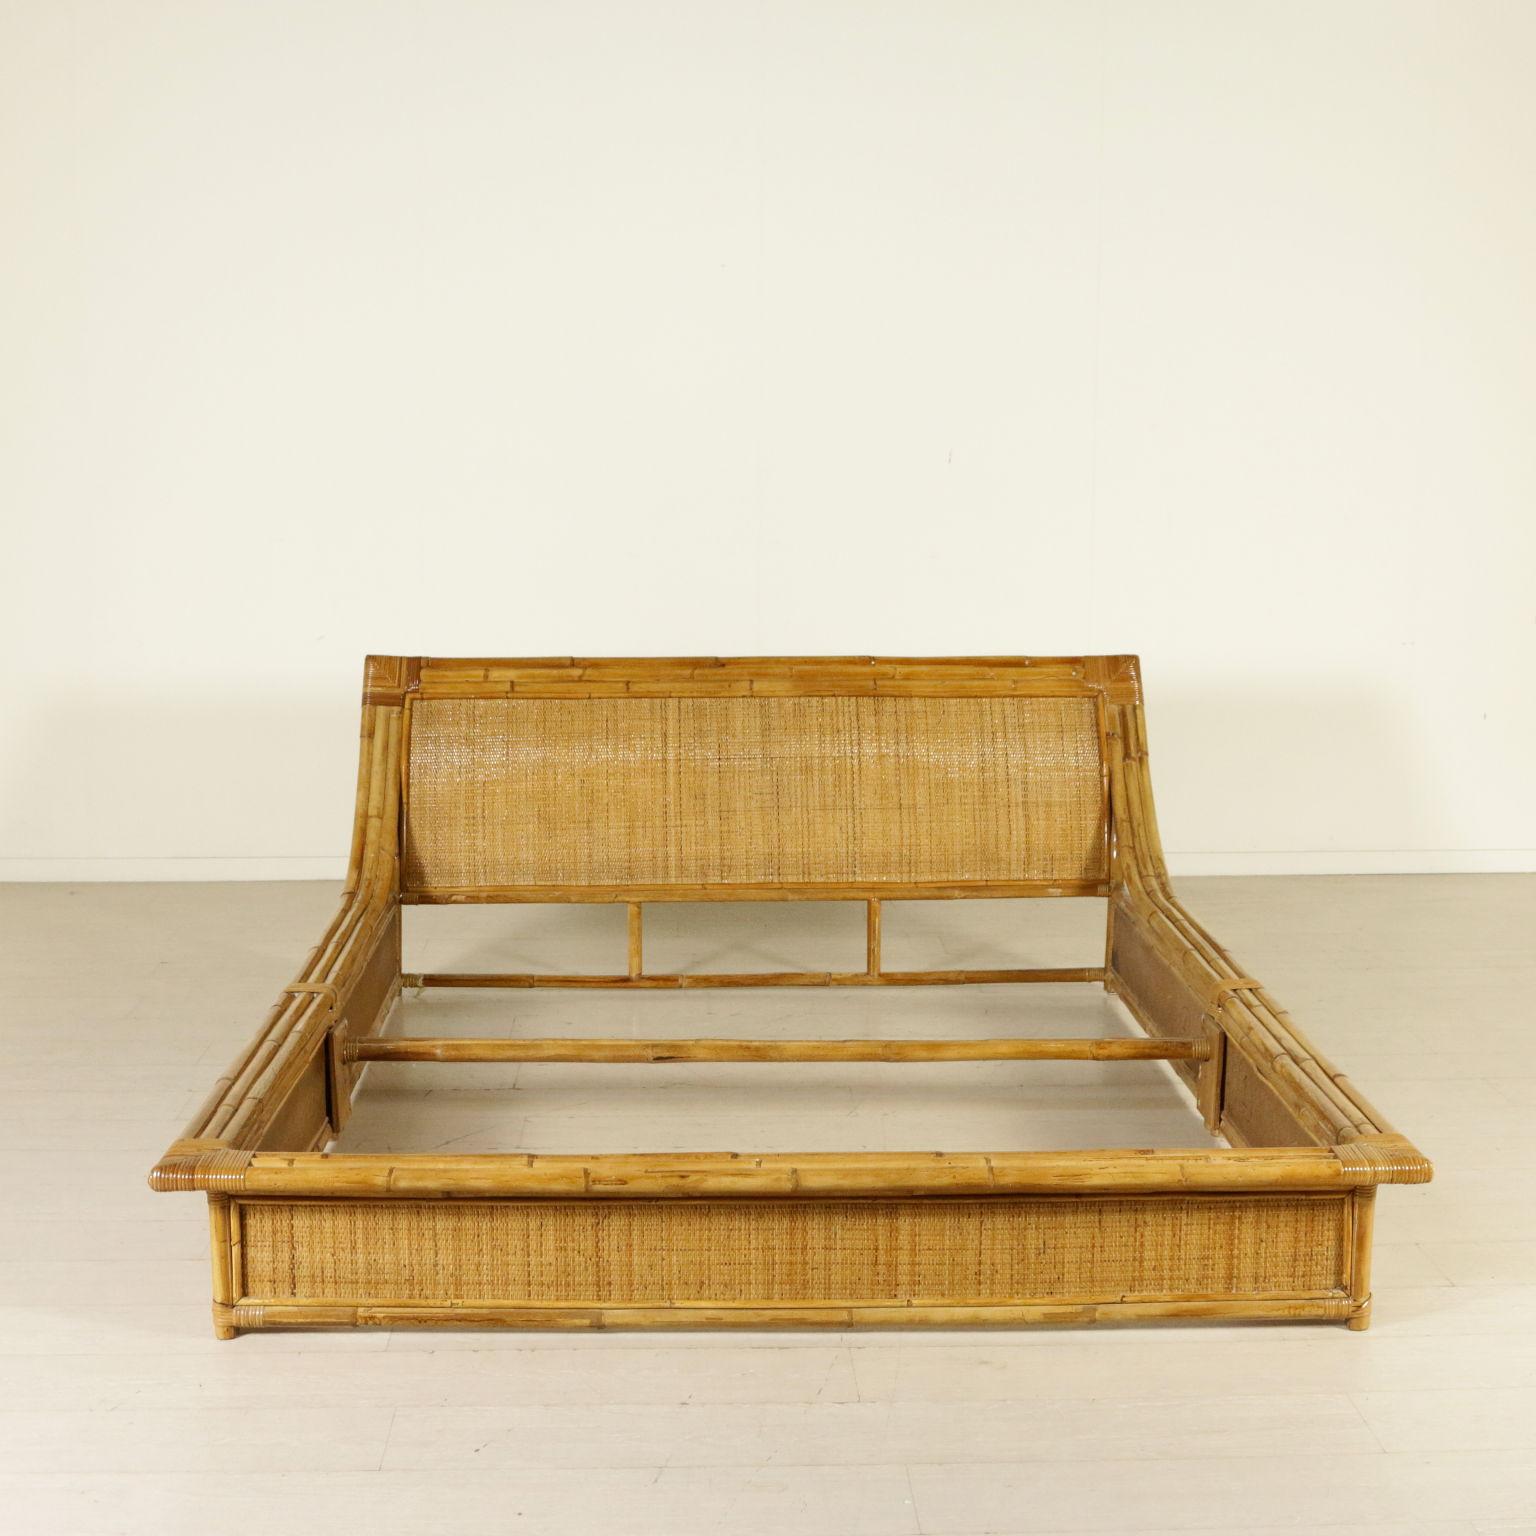 Cama de bambú - Complementos de decoración - Diseño moderno ...